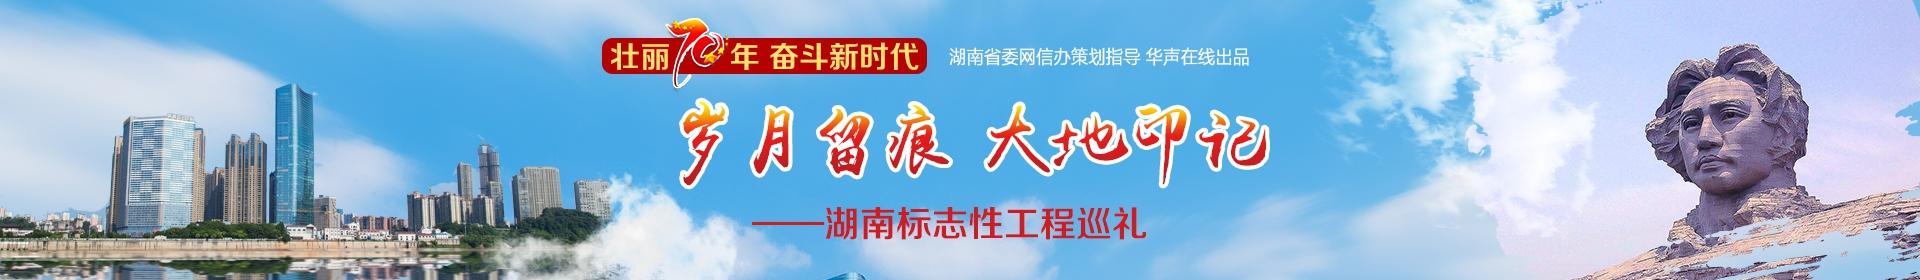 """""""壮丽70年 奋斗新时代"""" 岁月留痕 大地印记——湖南标志性工程巡礼"""